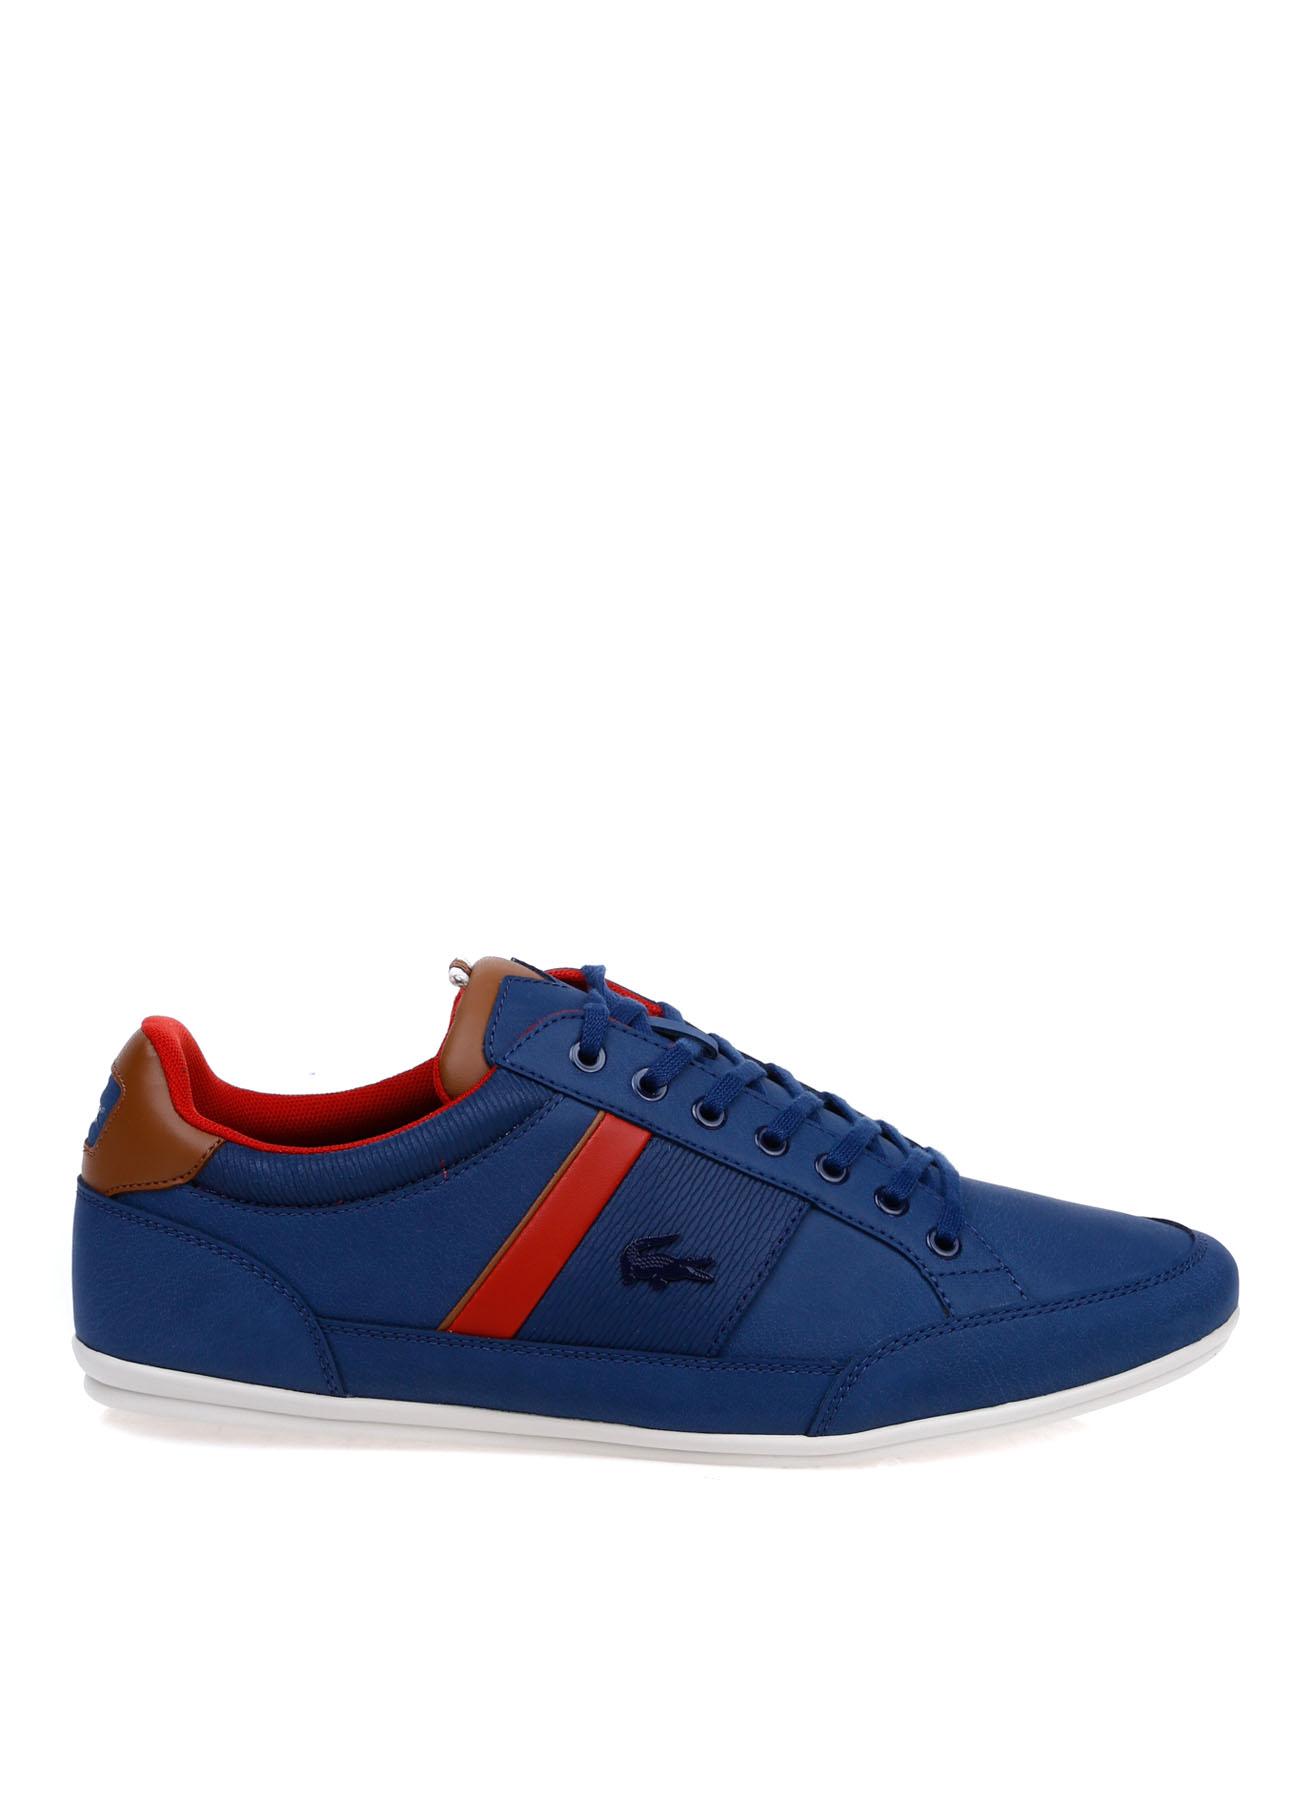 Lacoste Erkek Deri Lacivert Lifestyle Ayakkabı 43 5002314225005 Ürün Resmi